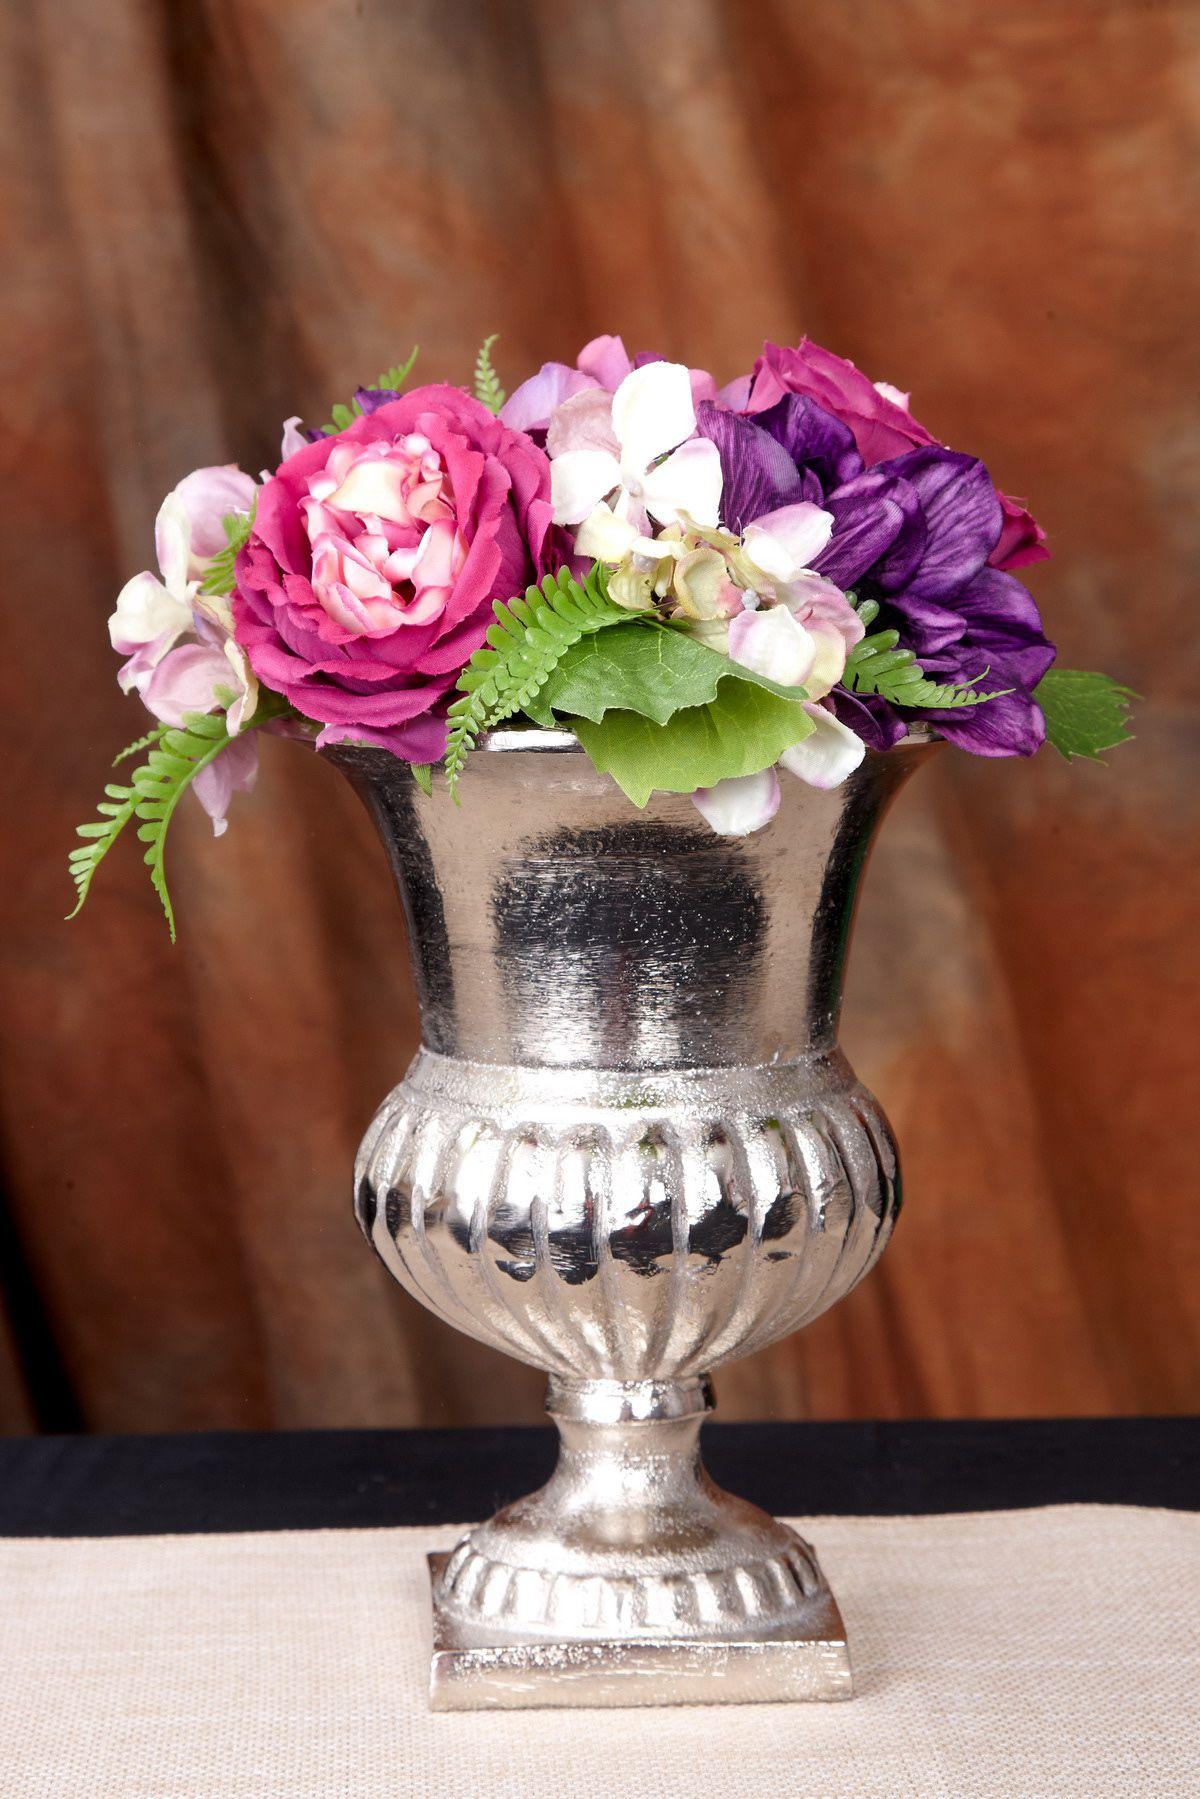 Flower Vase Metal Silver 8 25in Flower Vase Arrangements Flower Vases Flower Arrangements